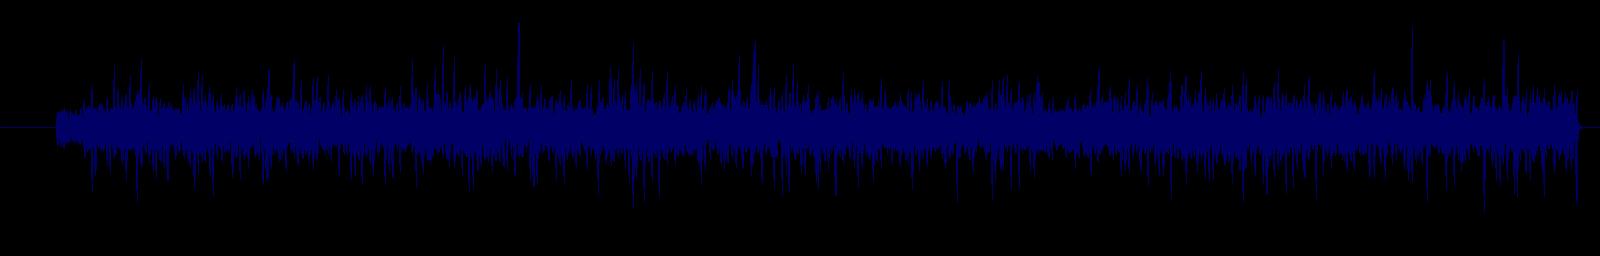 waveform of track #159687